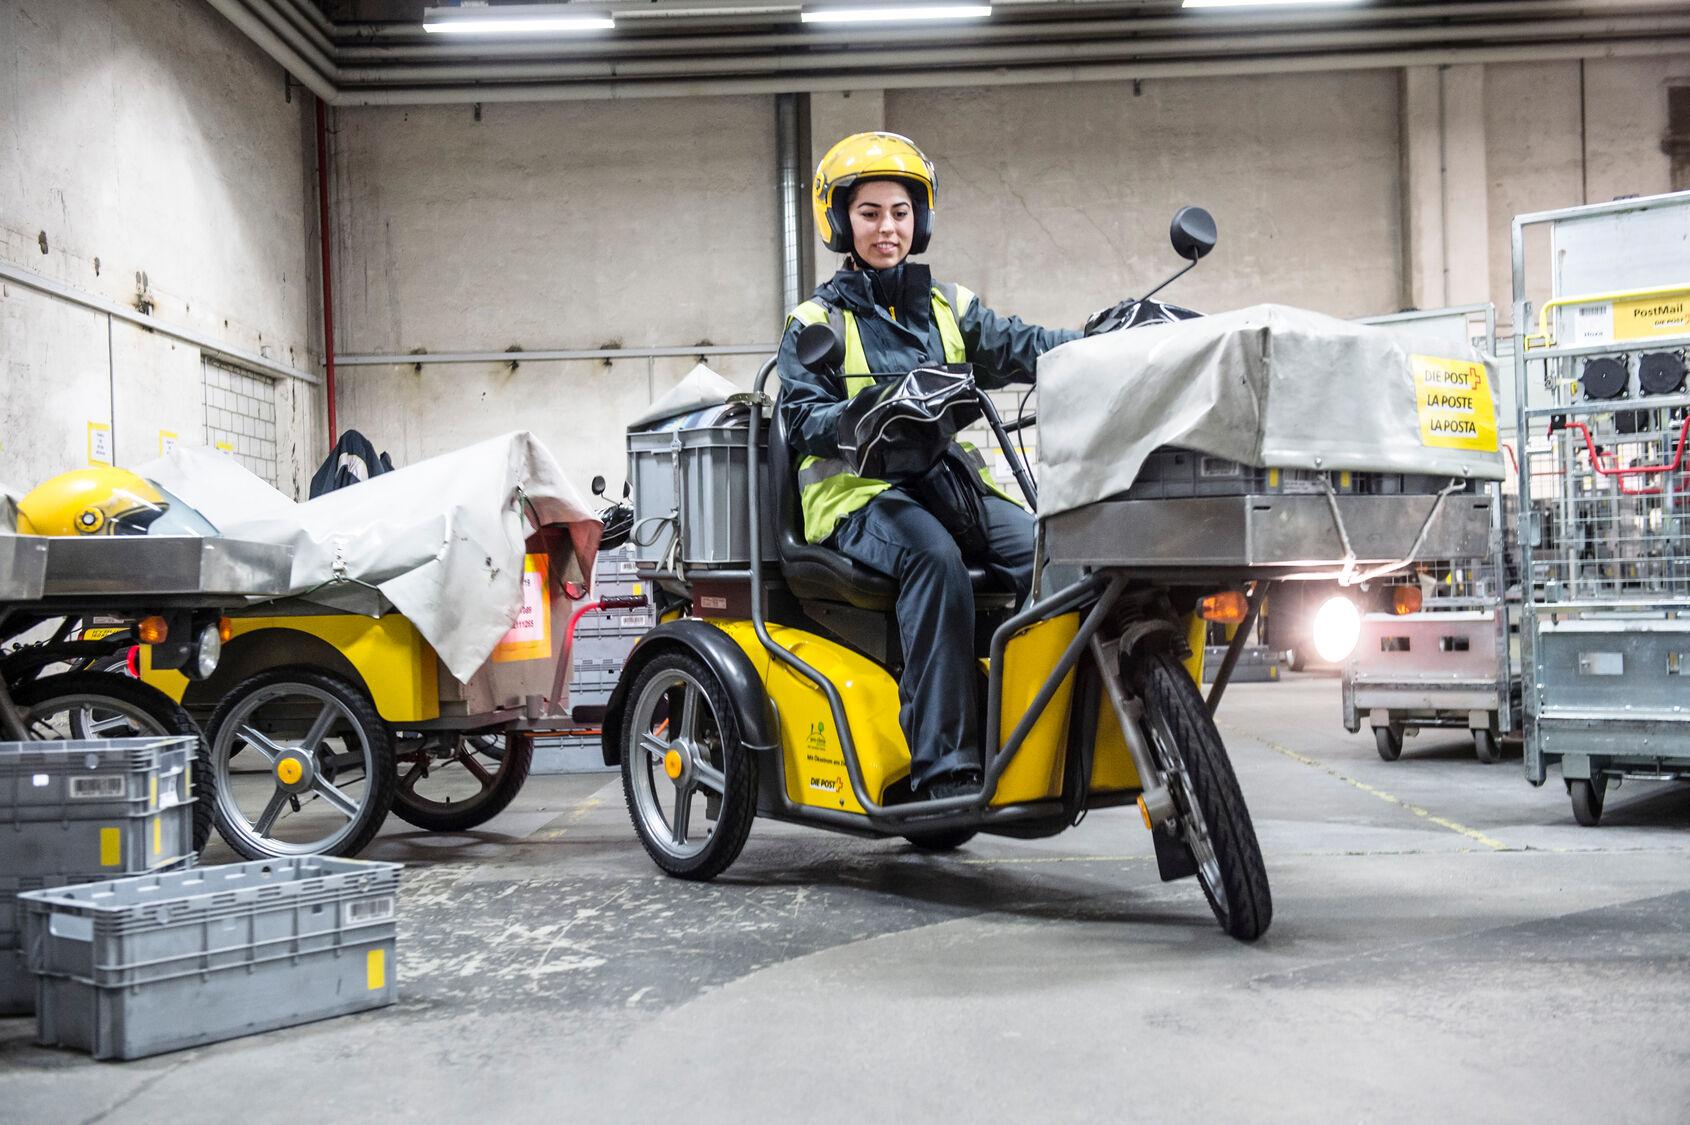 Bien connu et très apprécié: le légendaire scooter électrique de la Poste (Kyburz DXP). Les 6000 scooters de la Poste entraînent une réduction globale annuelle de CO2 qui équivaut à 7000 tonnes, l'équivalent d'environ 2700 vols aller-retour Zurich-New York pour une personne. | Image: POSTE SA